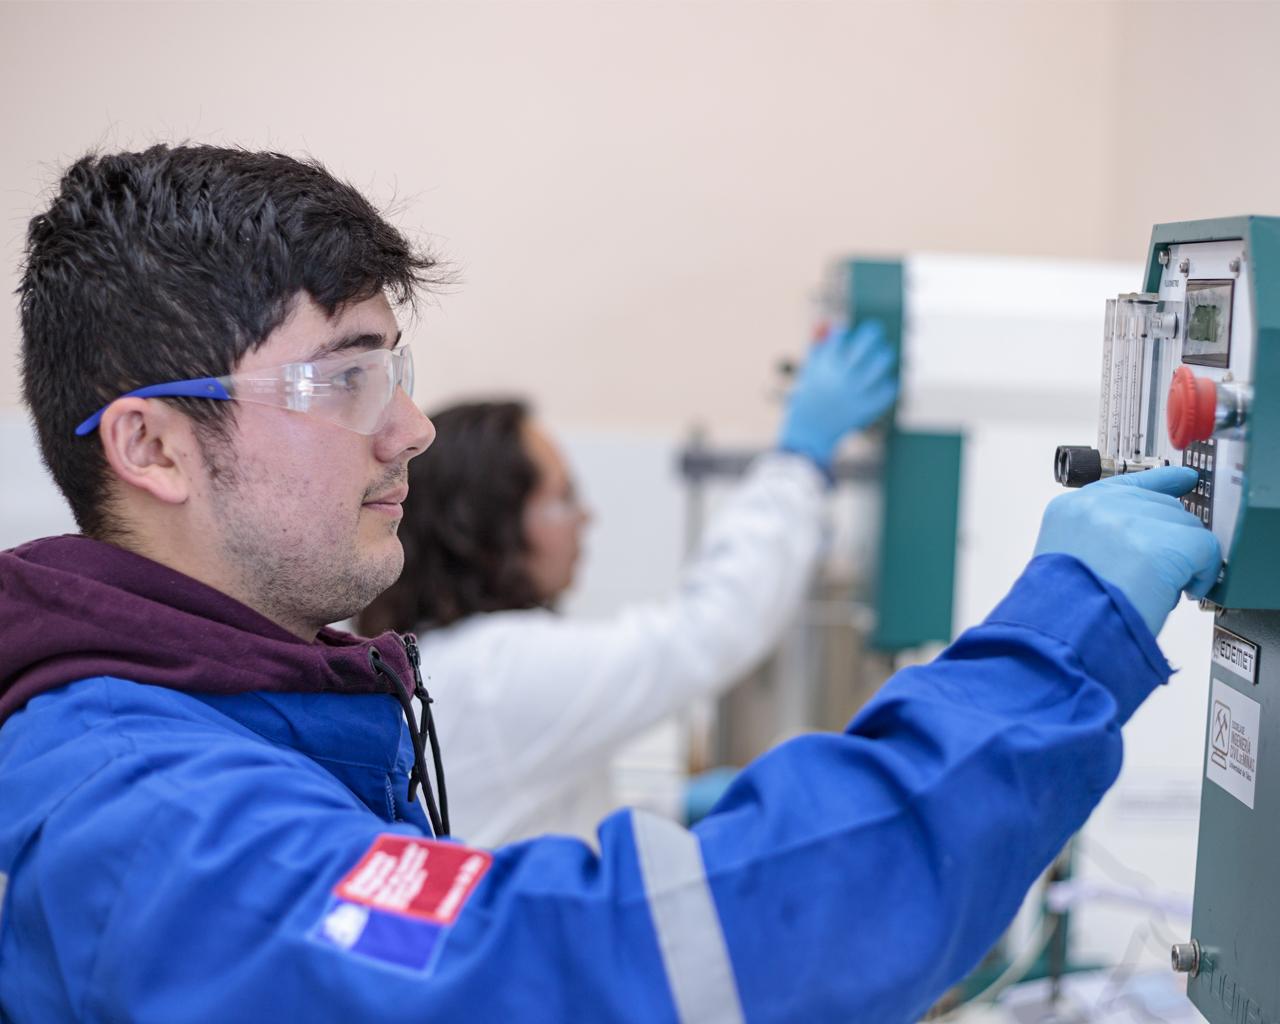 Auditoría, ingenierías civiles y odontología, entre las carreras con mayor empleabilidad